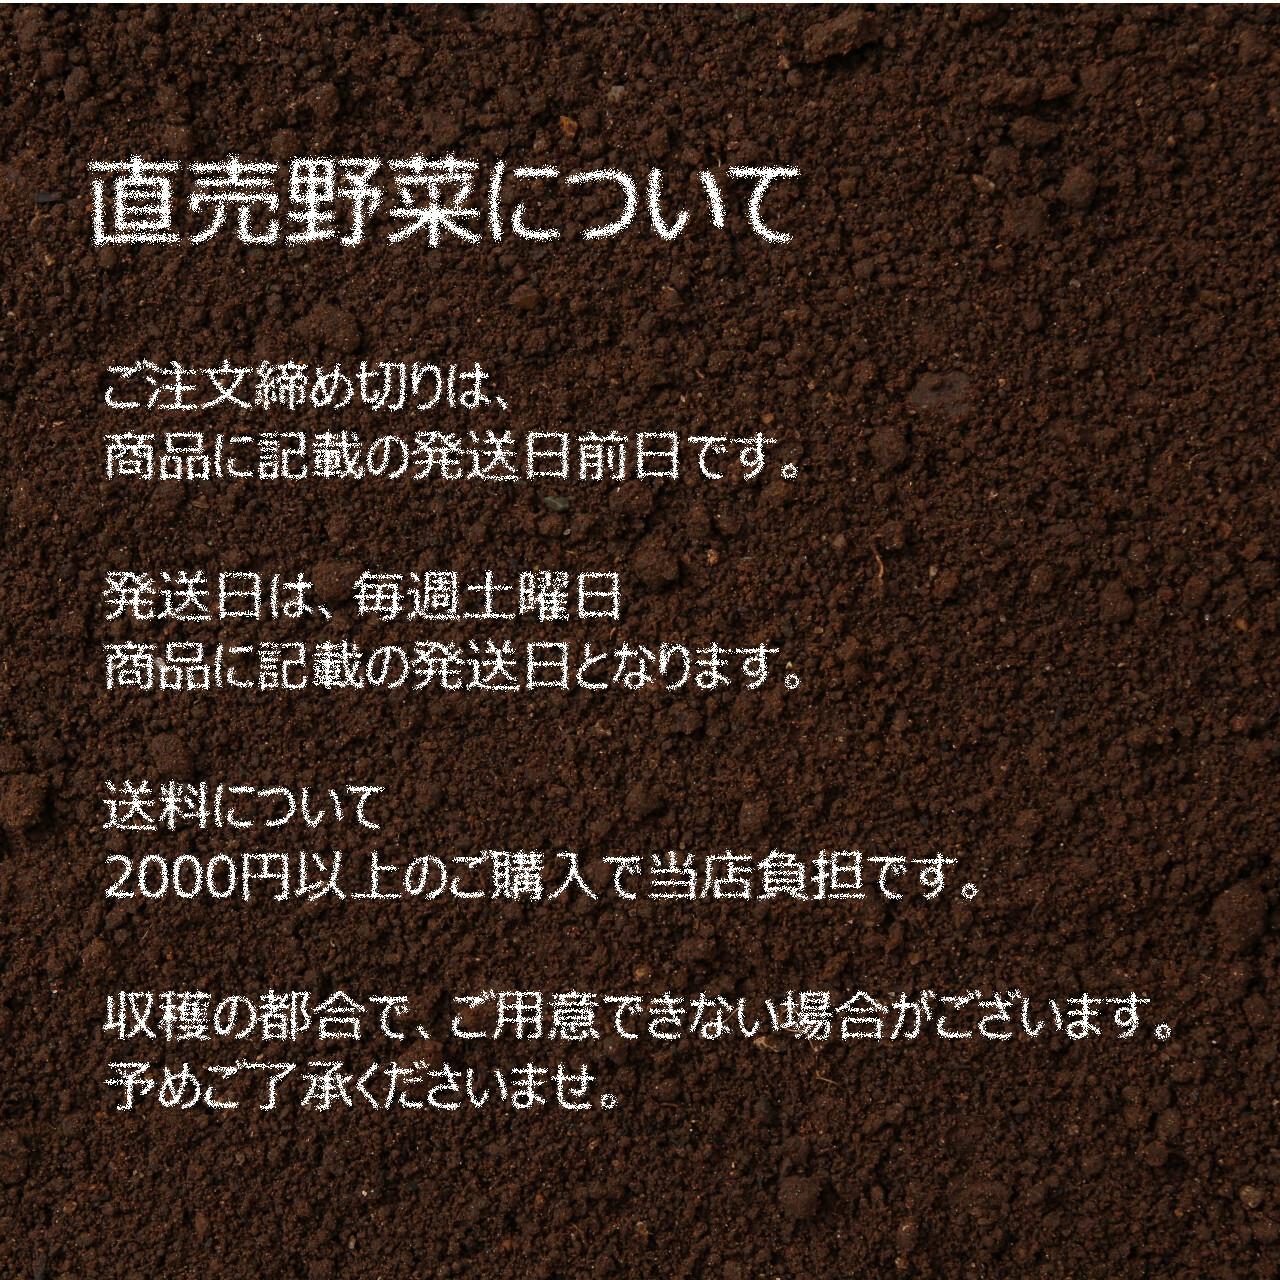 朝採り直売野菜 : キュウリ 3~4本  8月の新鮮な夏野菜 8月8日発送予定